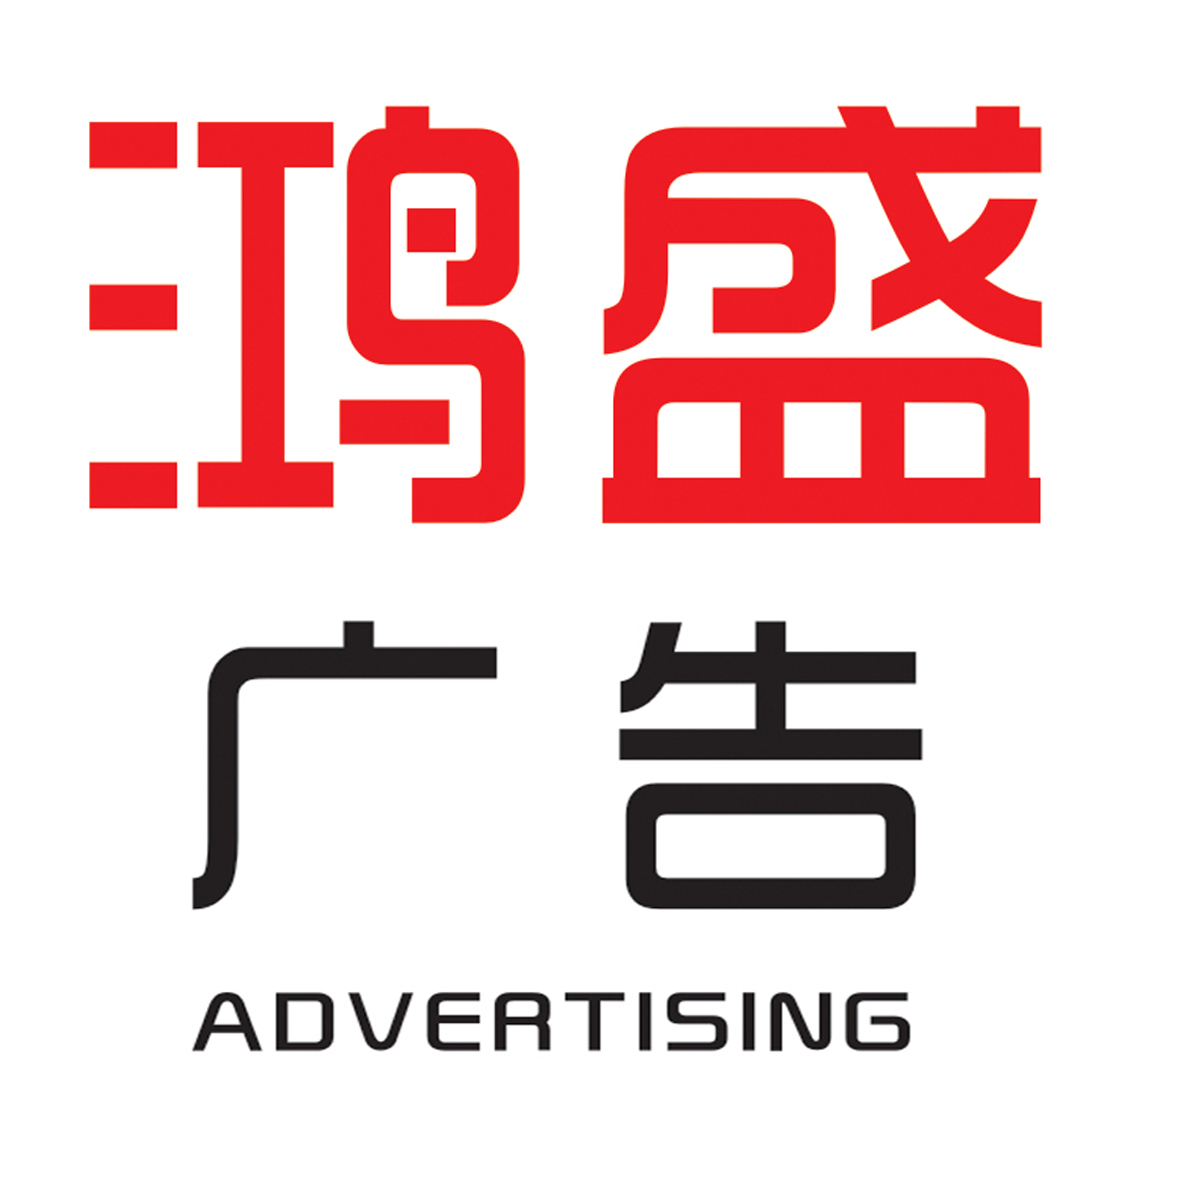 鸿盛广告有限公司需要做广告的请联系